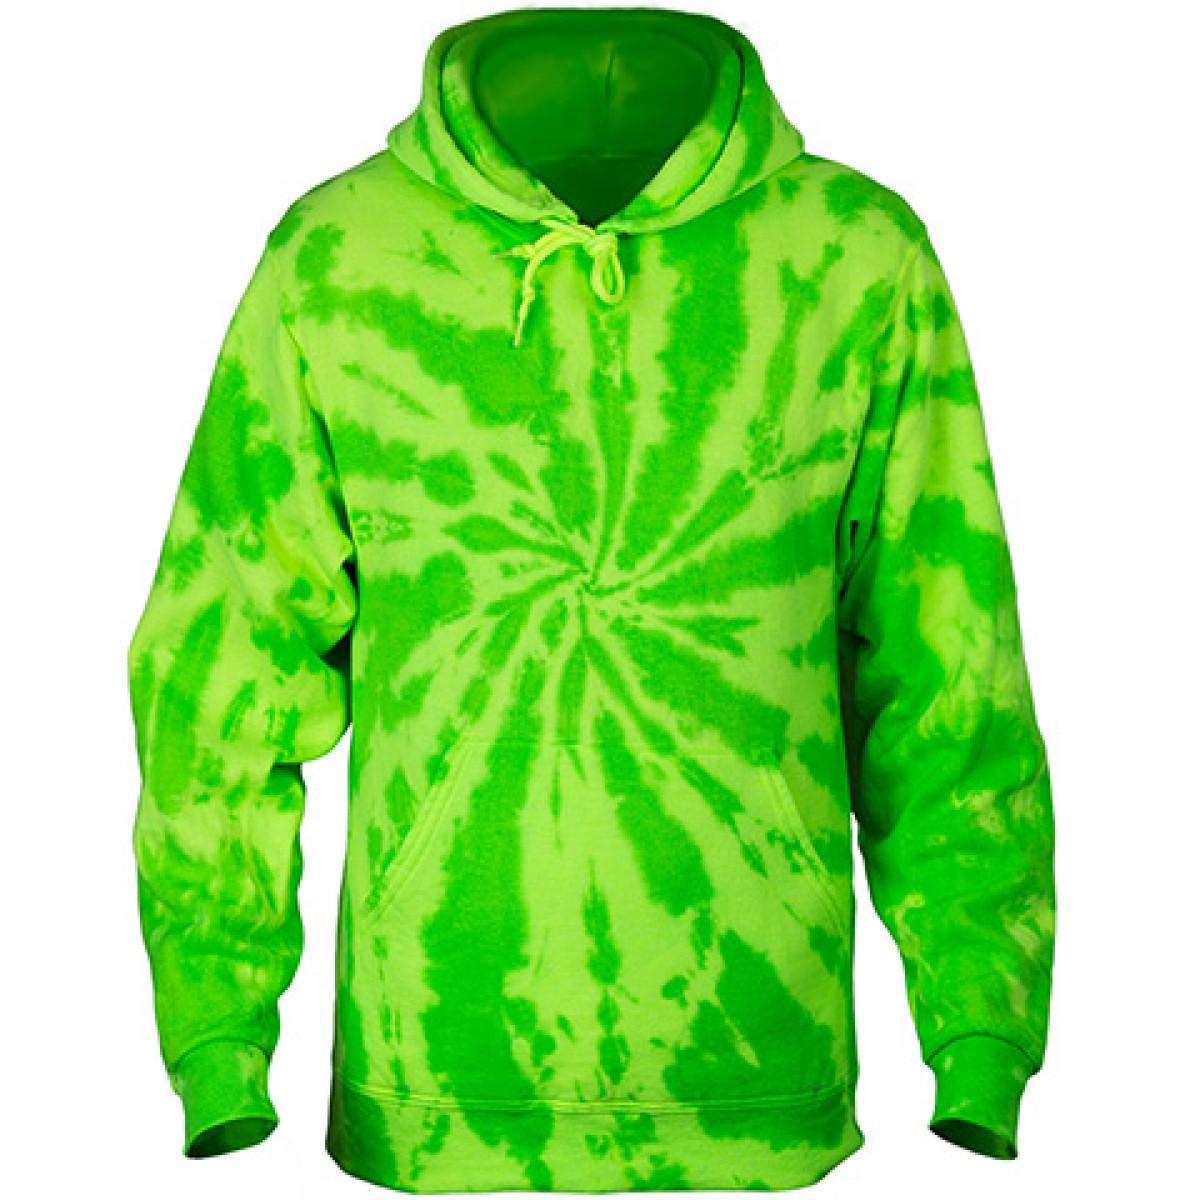 Tie-Dye Pullover Hooded Sweatshirt-Neon Green-L